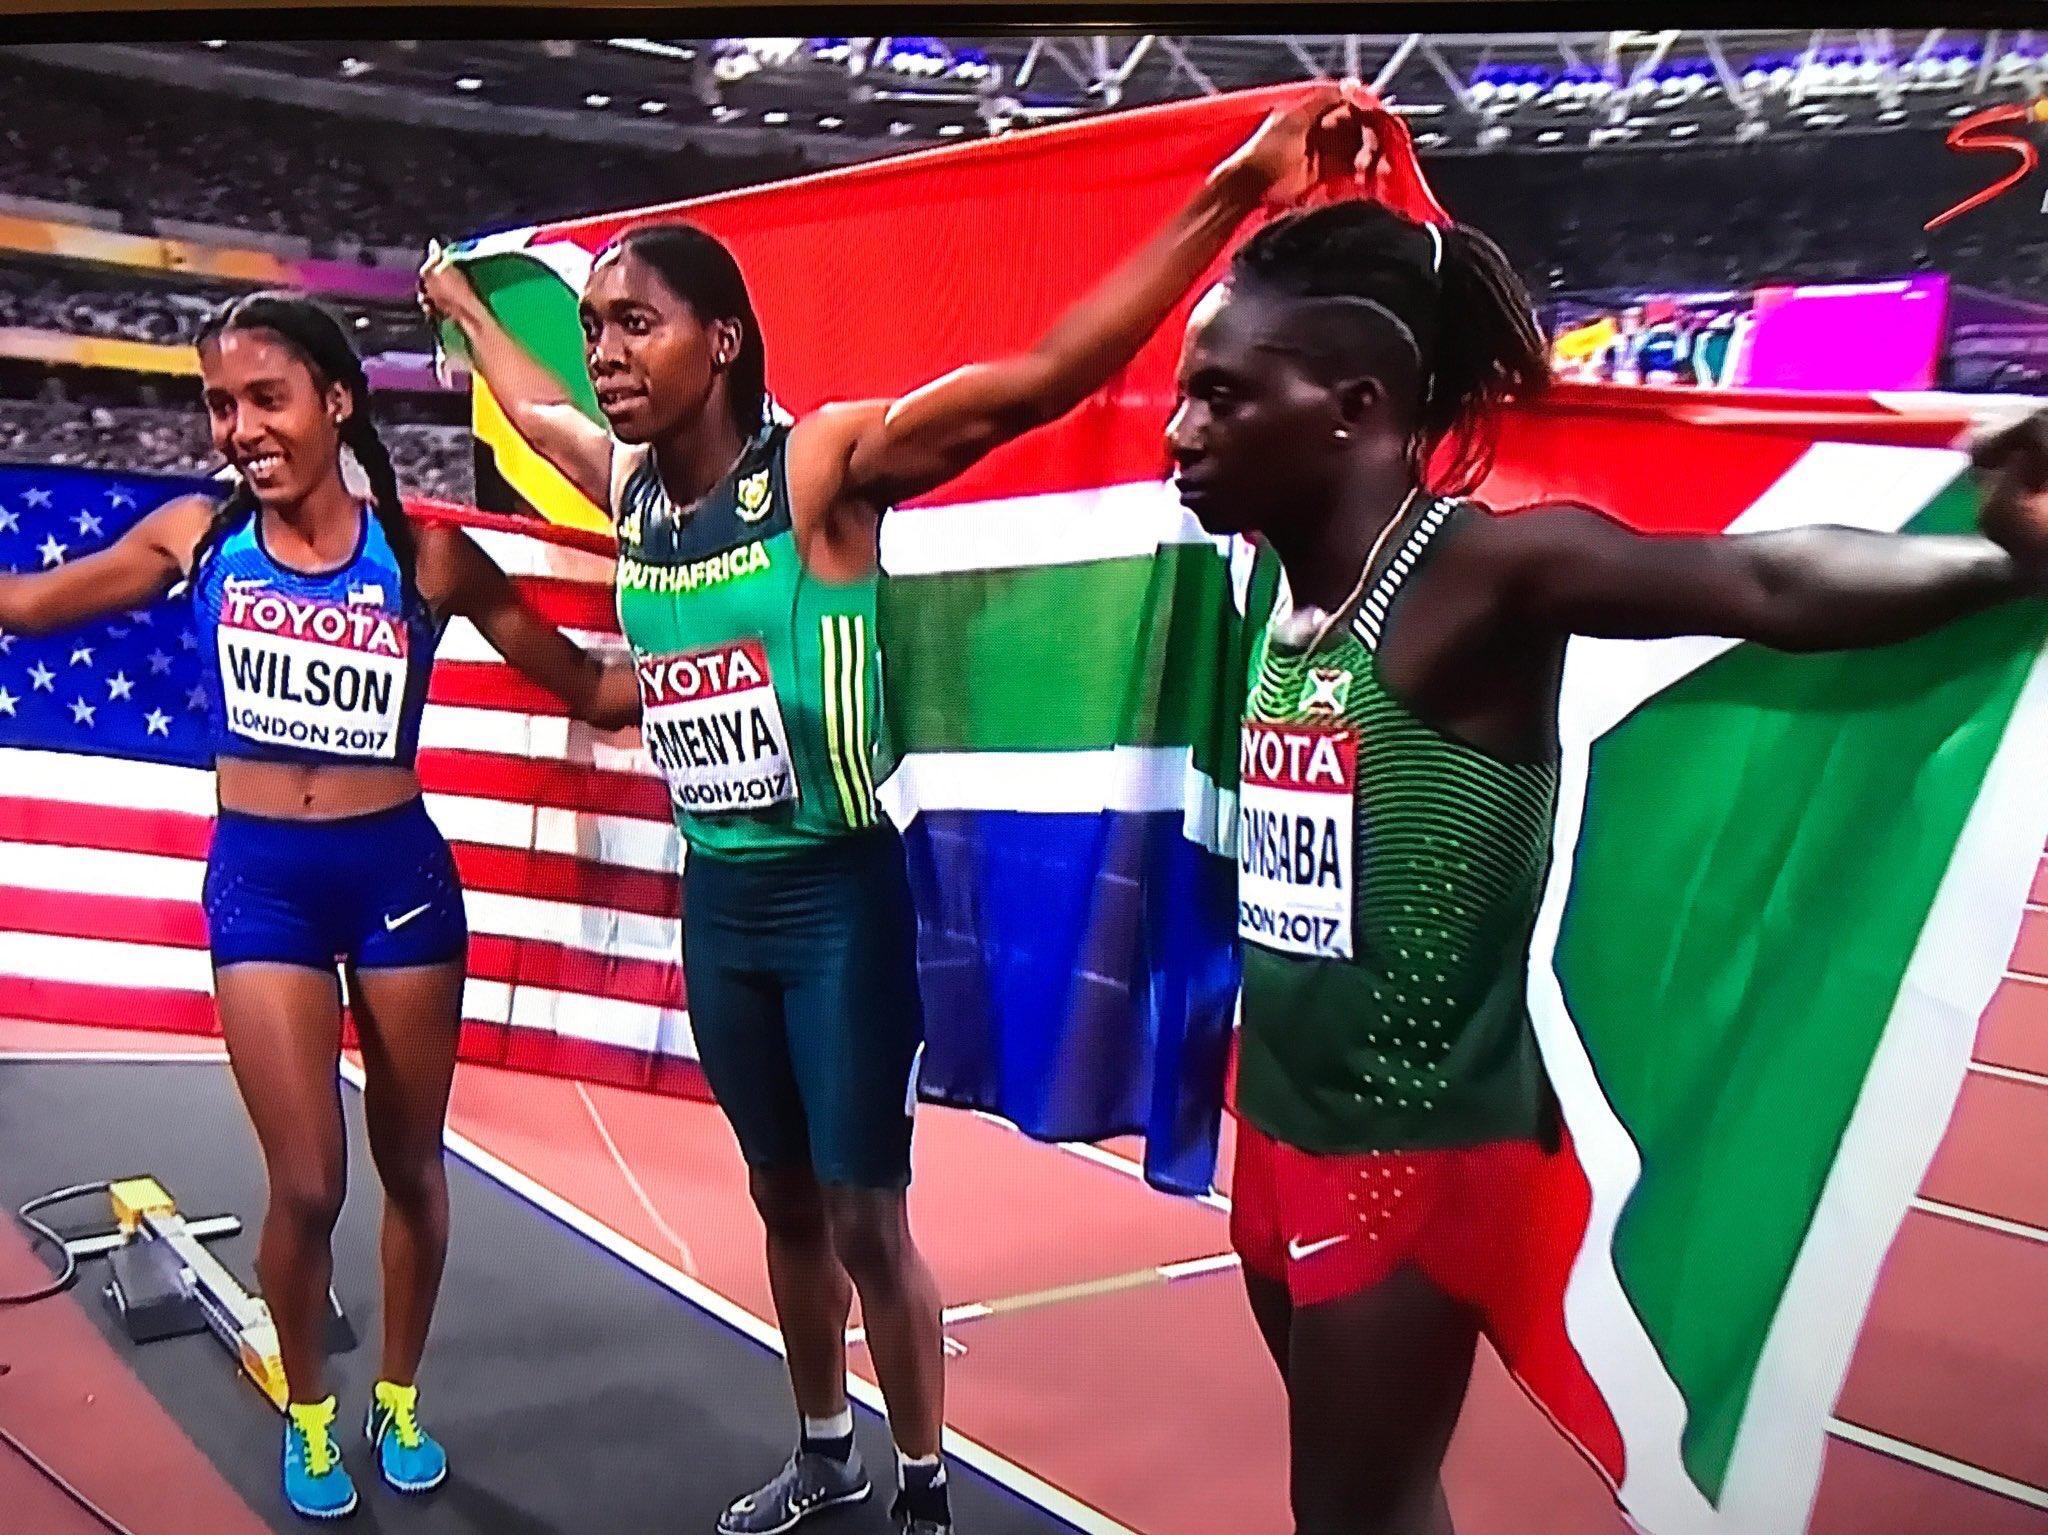 Thumbnail for SA congratulates Caster